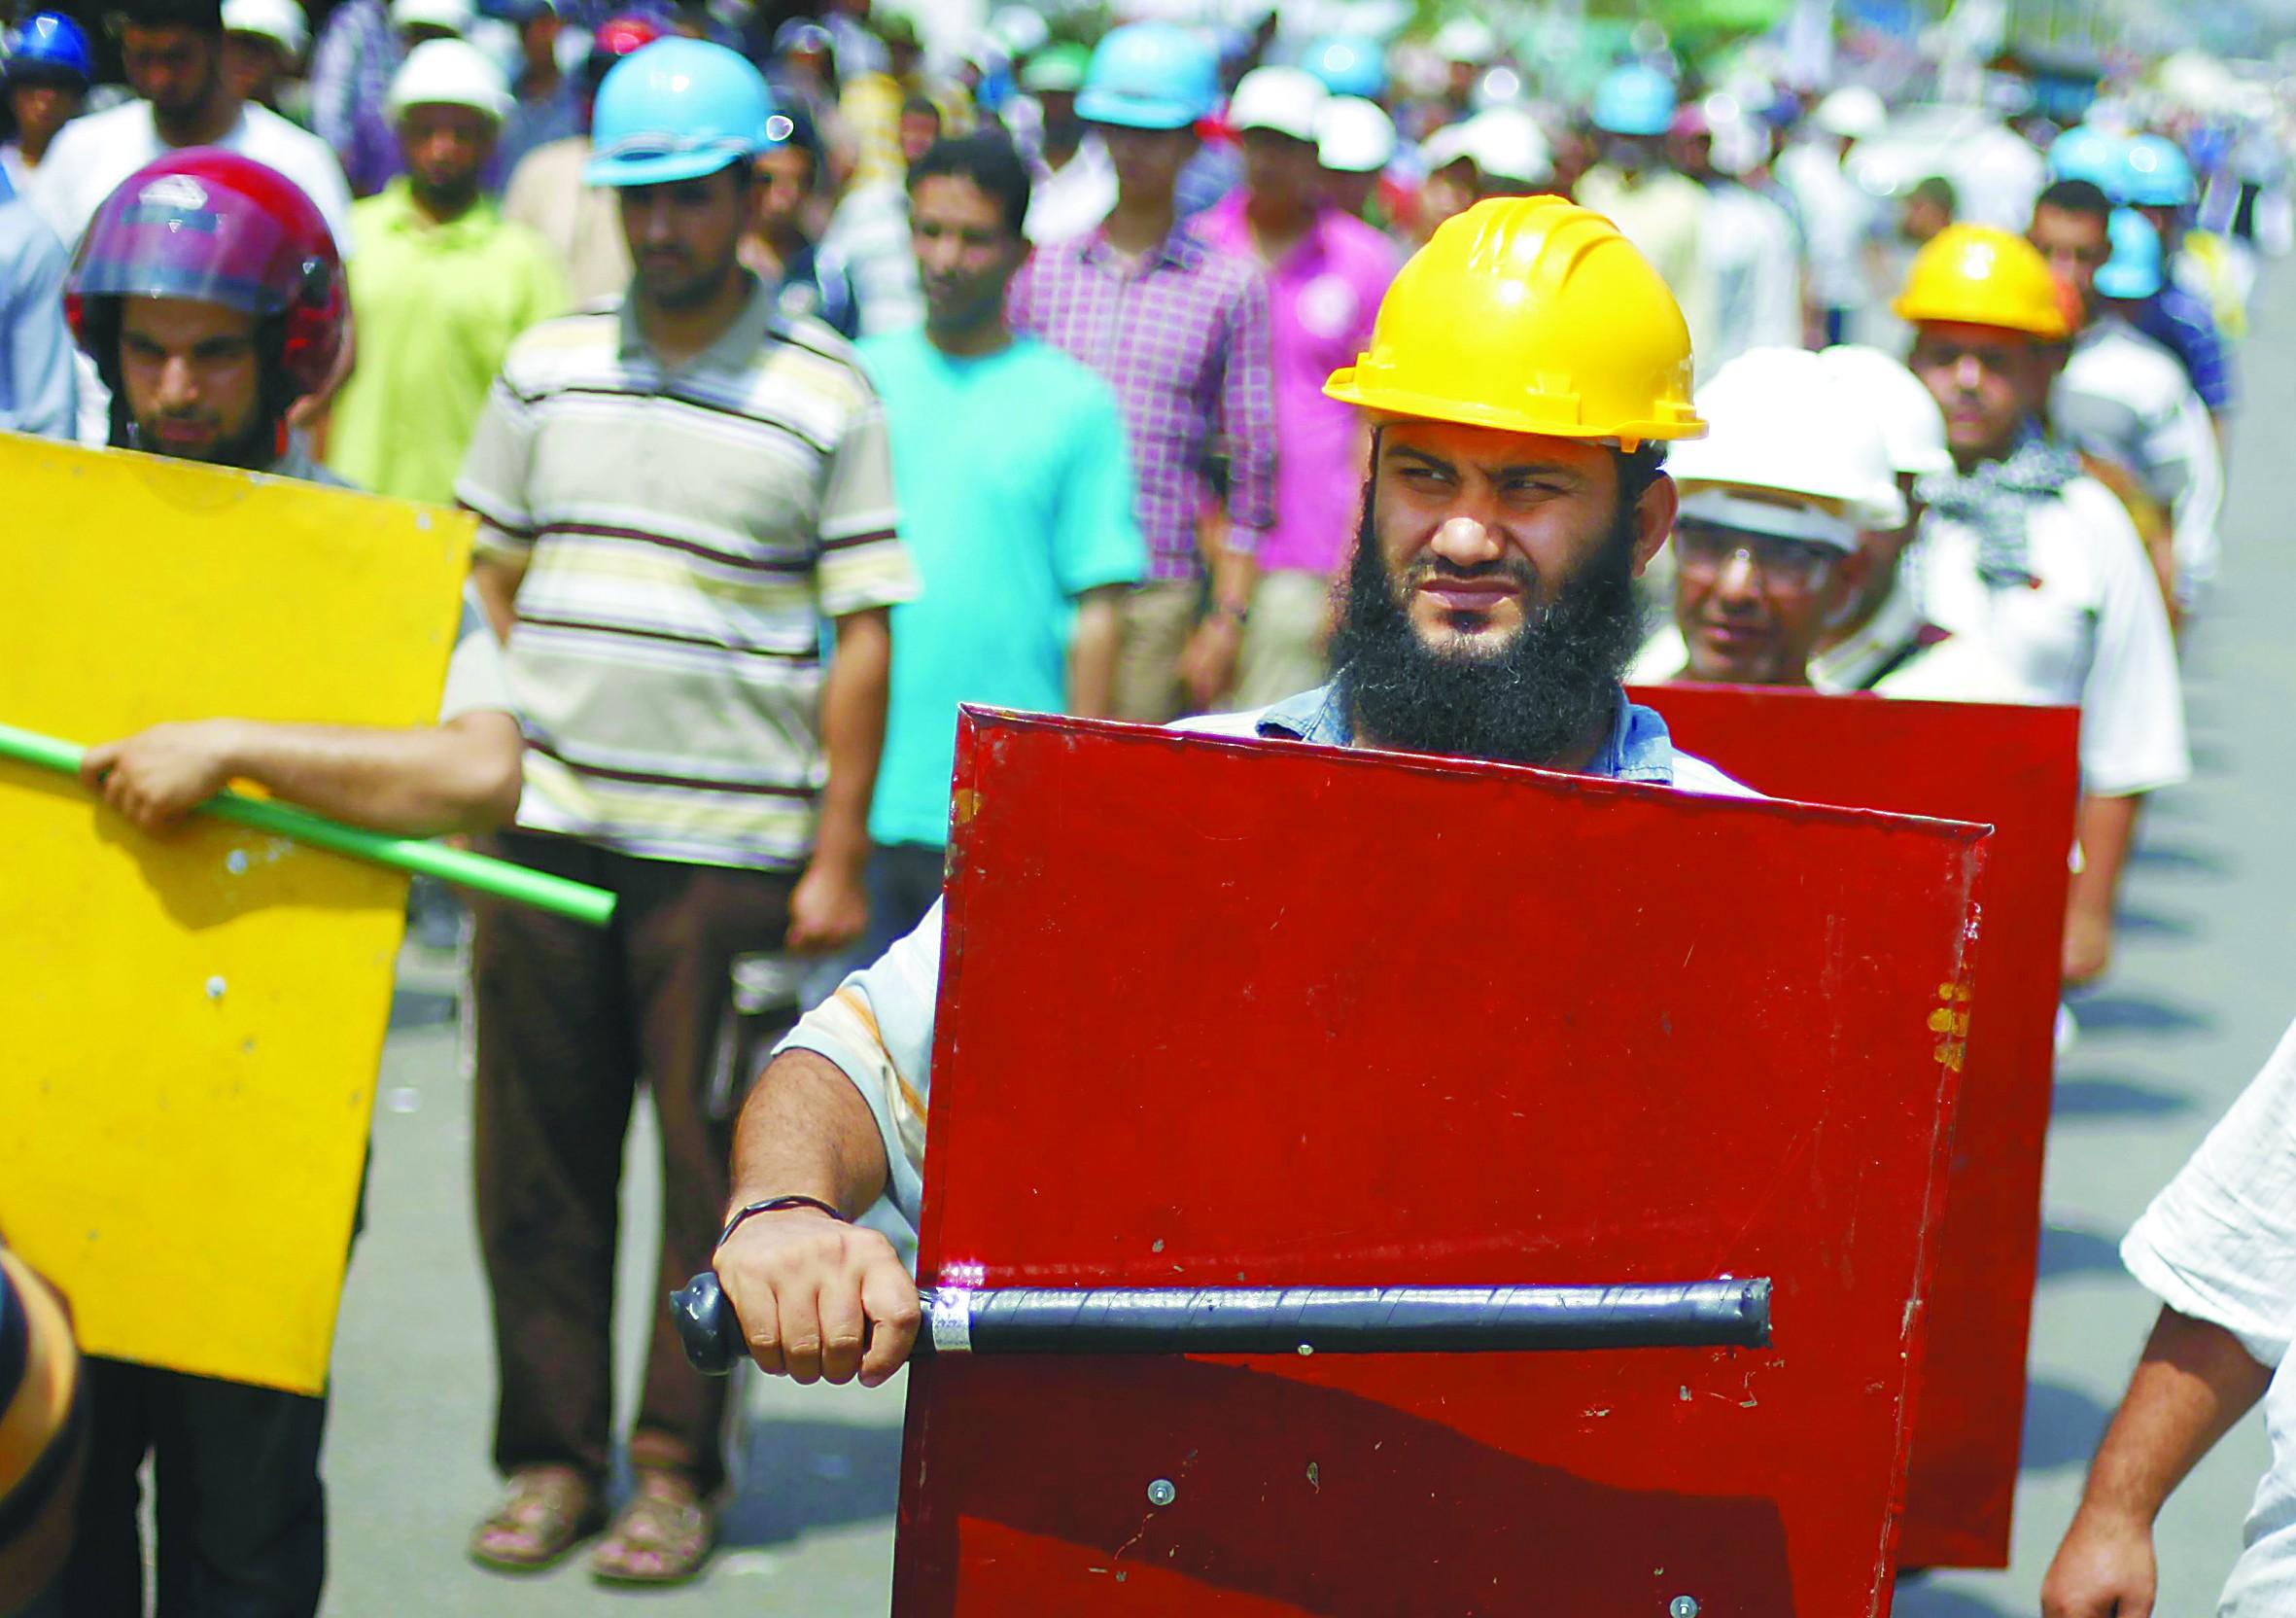 7月2日,埃及总统穆尔西的支持者手持棍棒、头戴安全帽在总统府附近举行游行。